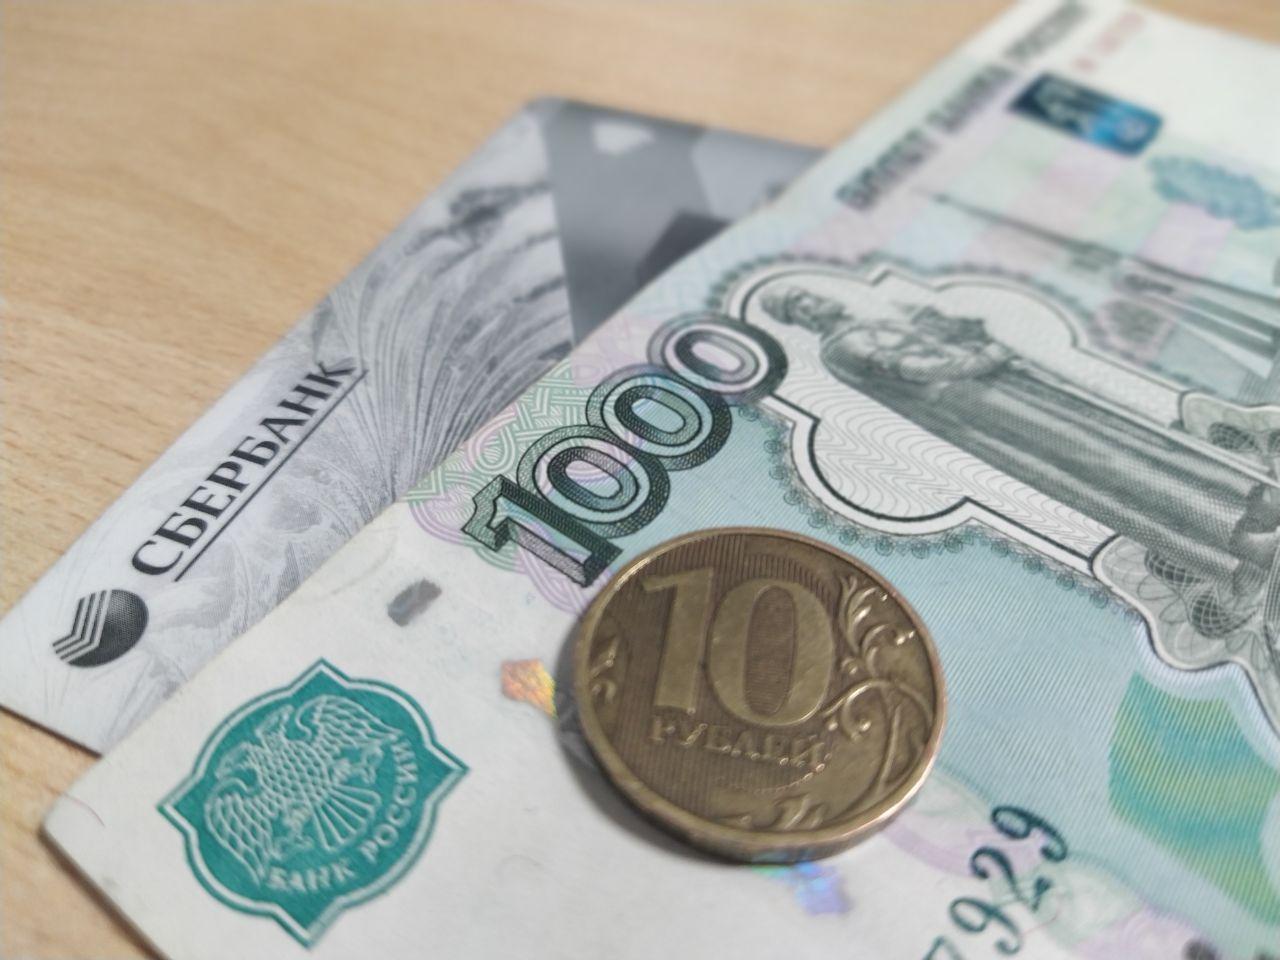 Стоимость авиабилетов по России снизилась на 30%